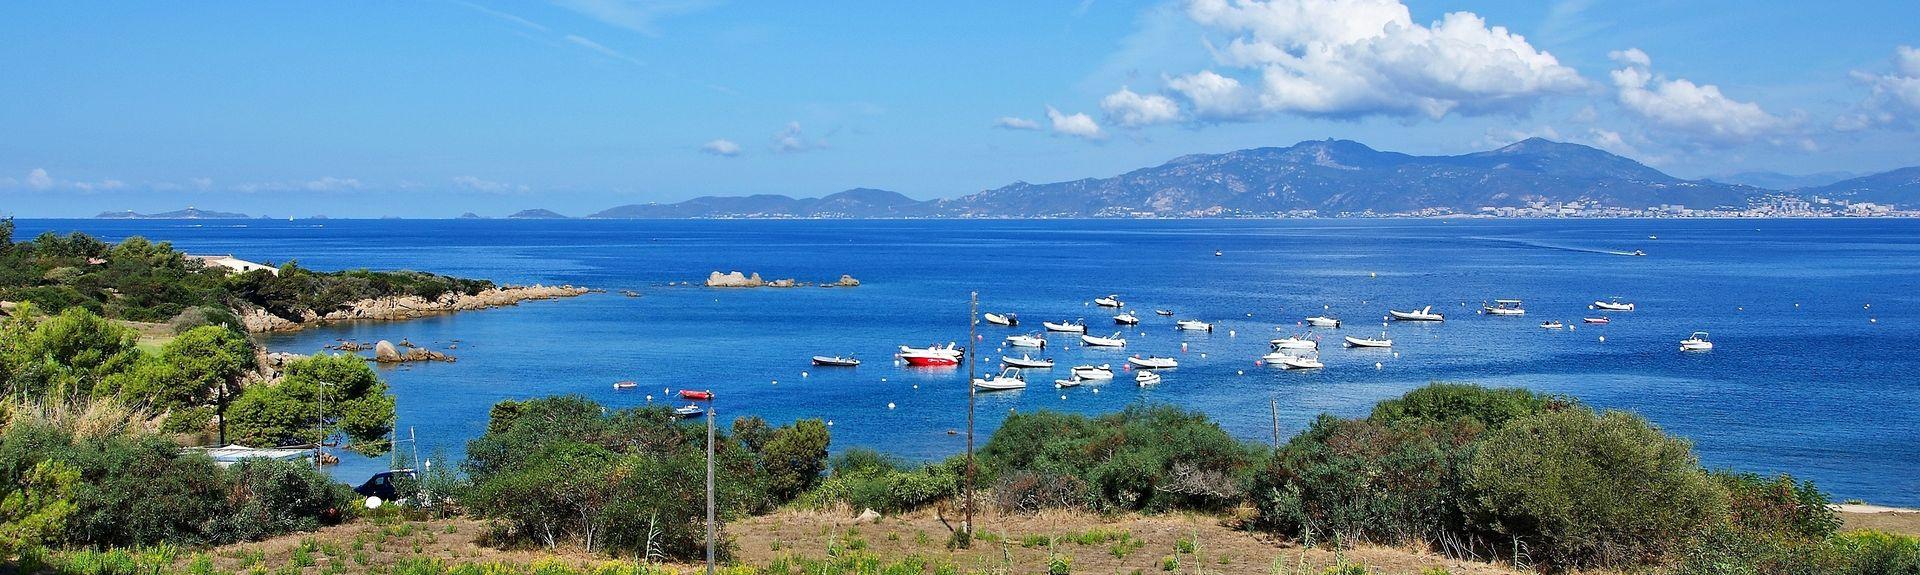 Portigliolo, Coti-Chiavari, Korsika, Frankreich